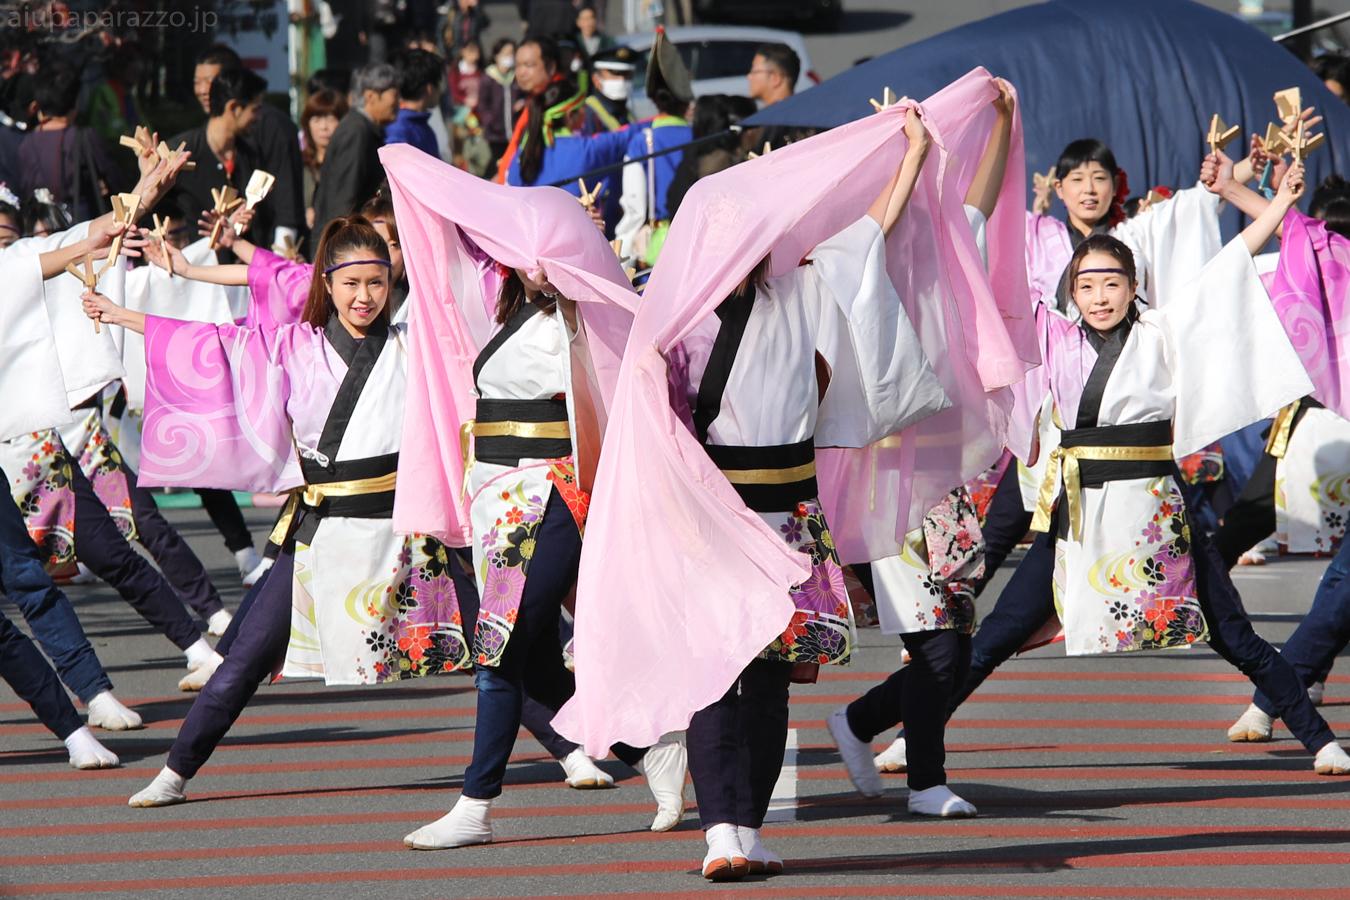 kabuki2016ran_oyachai-19.jpg